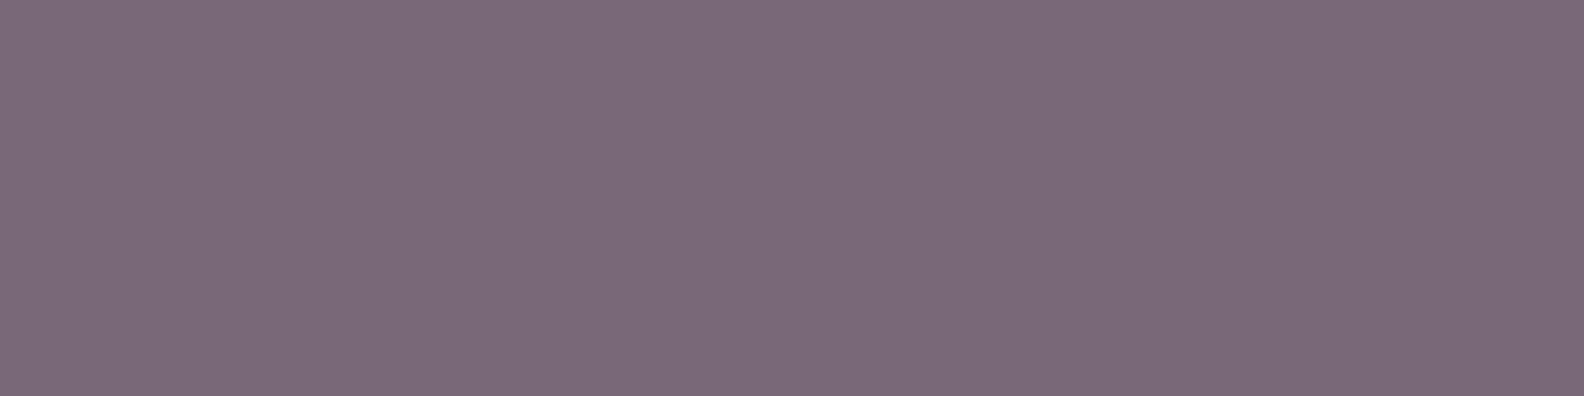 1584x396 Old Lavender Solid Color Background